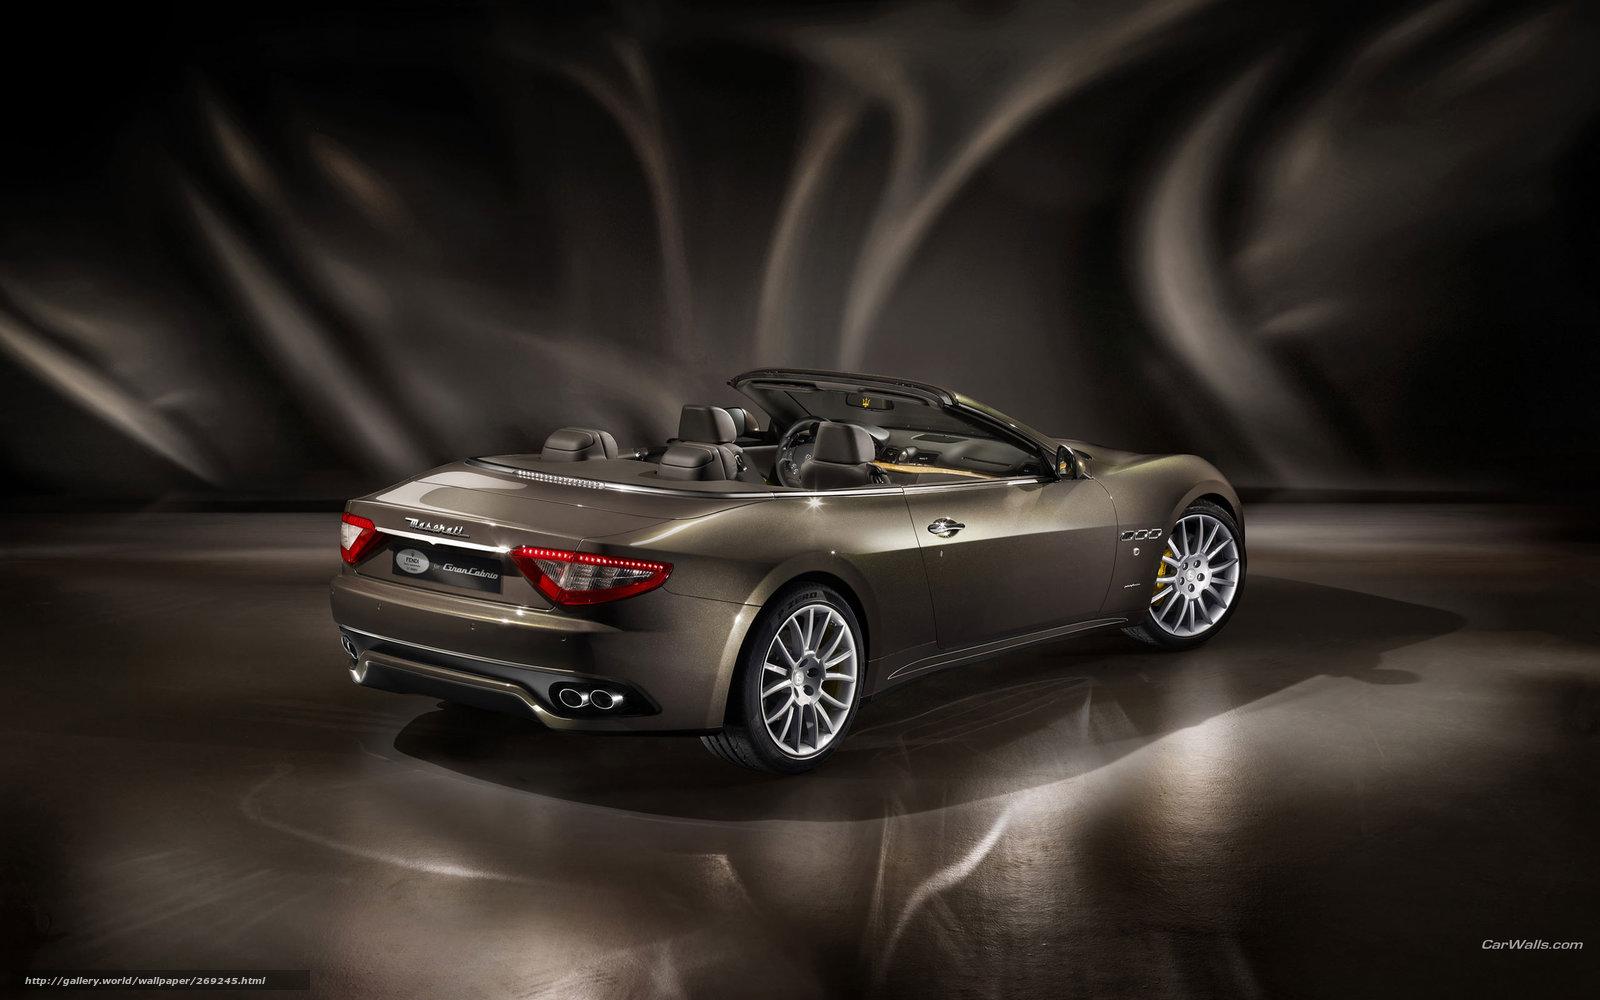 Скачать обои Maserati,  GranCabrio,  авто,  машины бесплатно для рабочего стола в разрешении 2560x1600 — картинка №269245